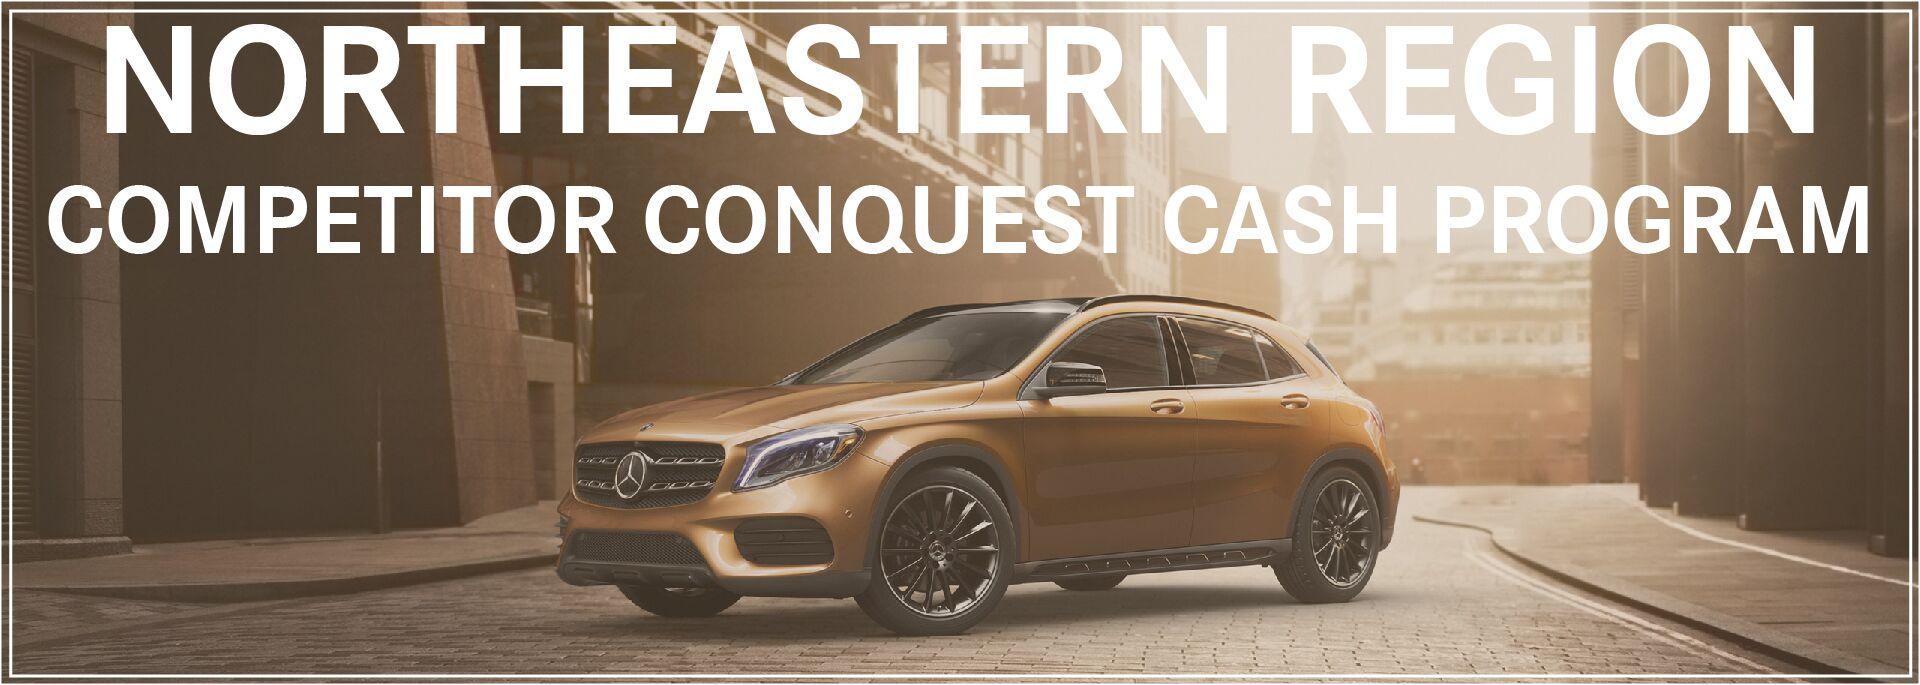 Northeastern Region Conquest Cash Program